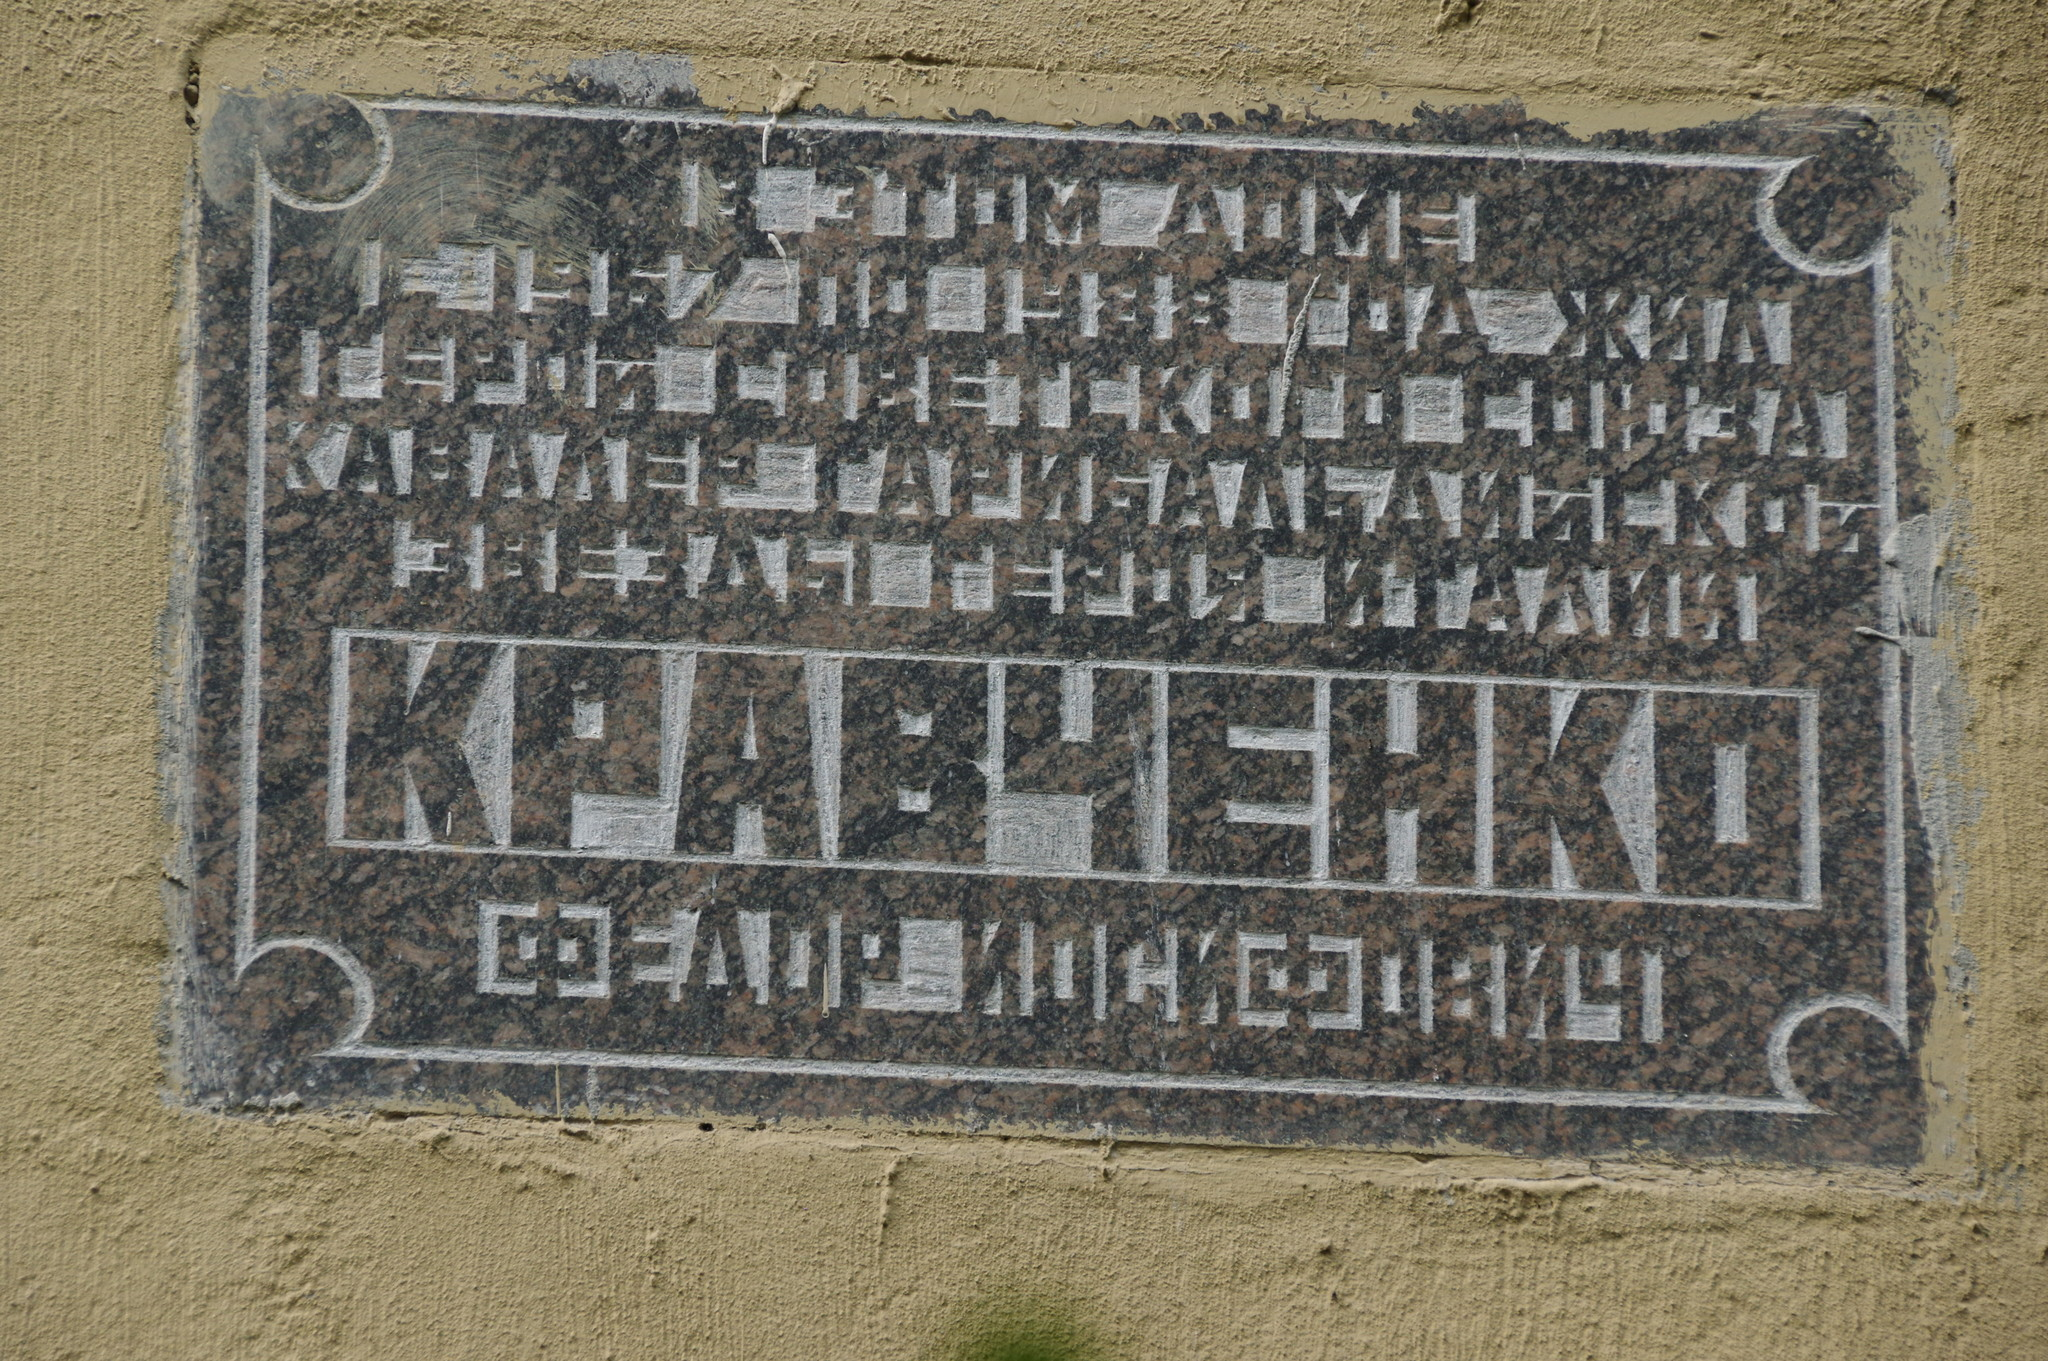 Мемориальная доска на фасаде дома (Фрунзенская набережная, дом 24/1), где с 1967 года по 1988 год жил Фёдор Иосифович Кравченко